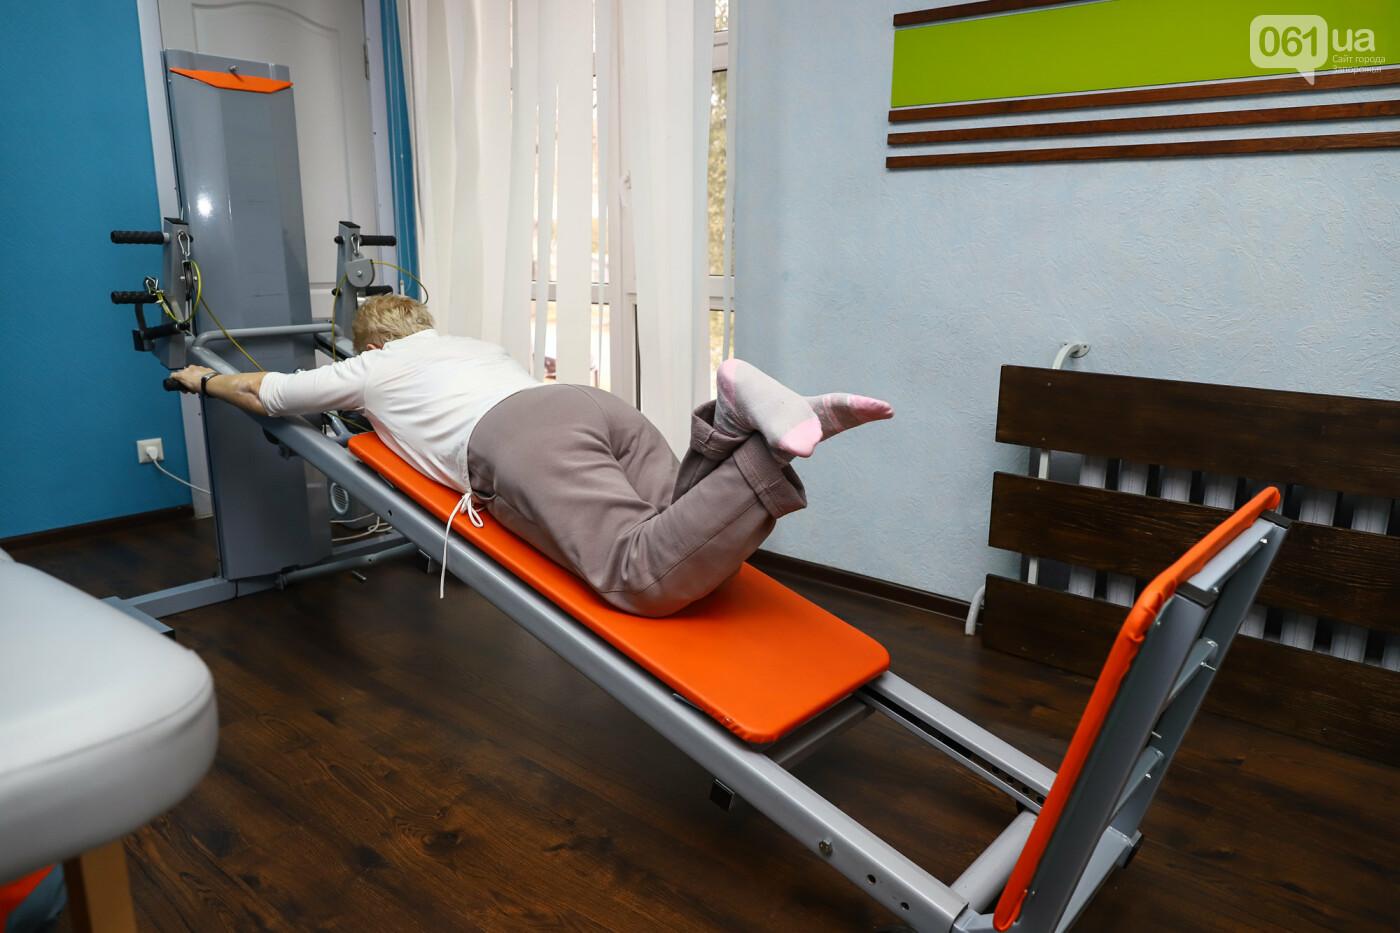 3D-исследование и уникальные тренажеры: как в запорожской клинике OrtoSano лечат болезни позвоночника и суставов, фото-13